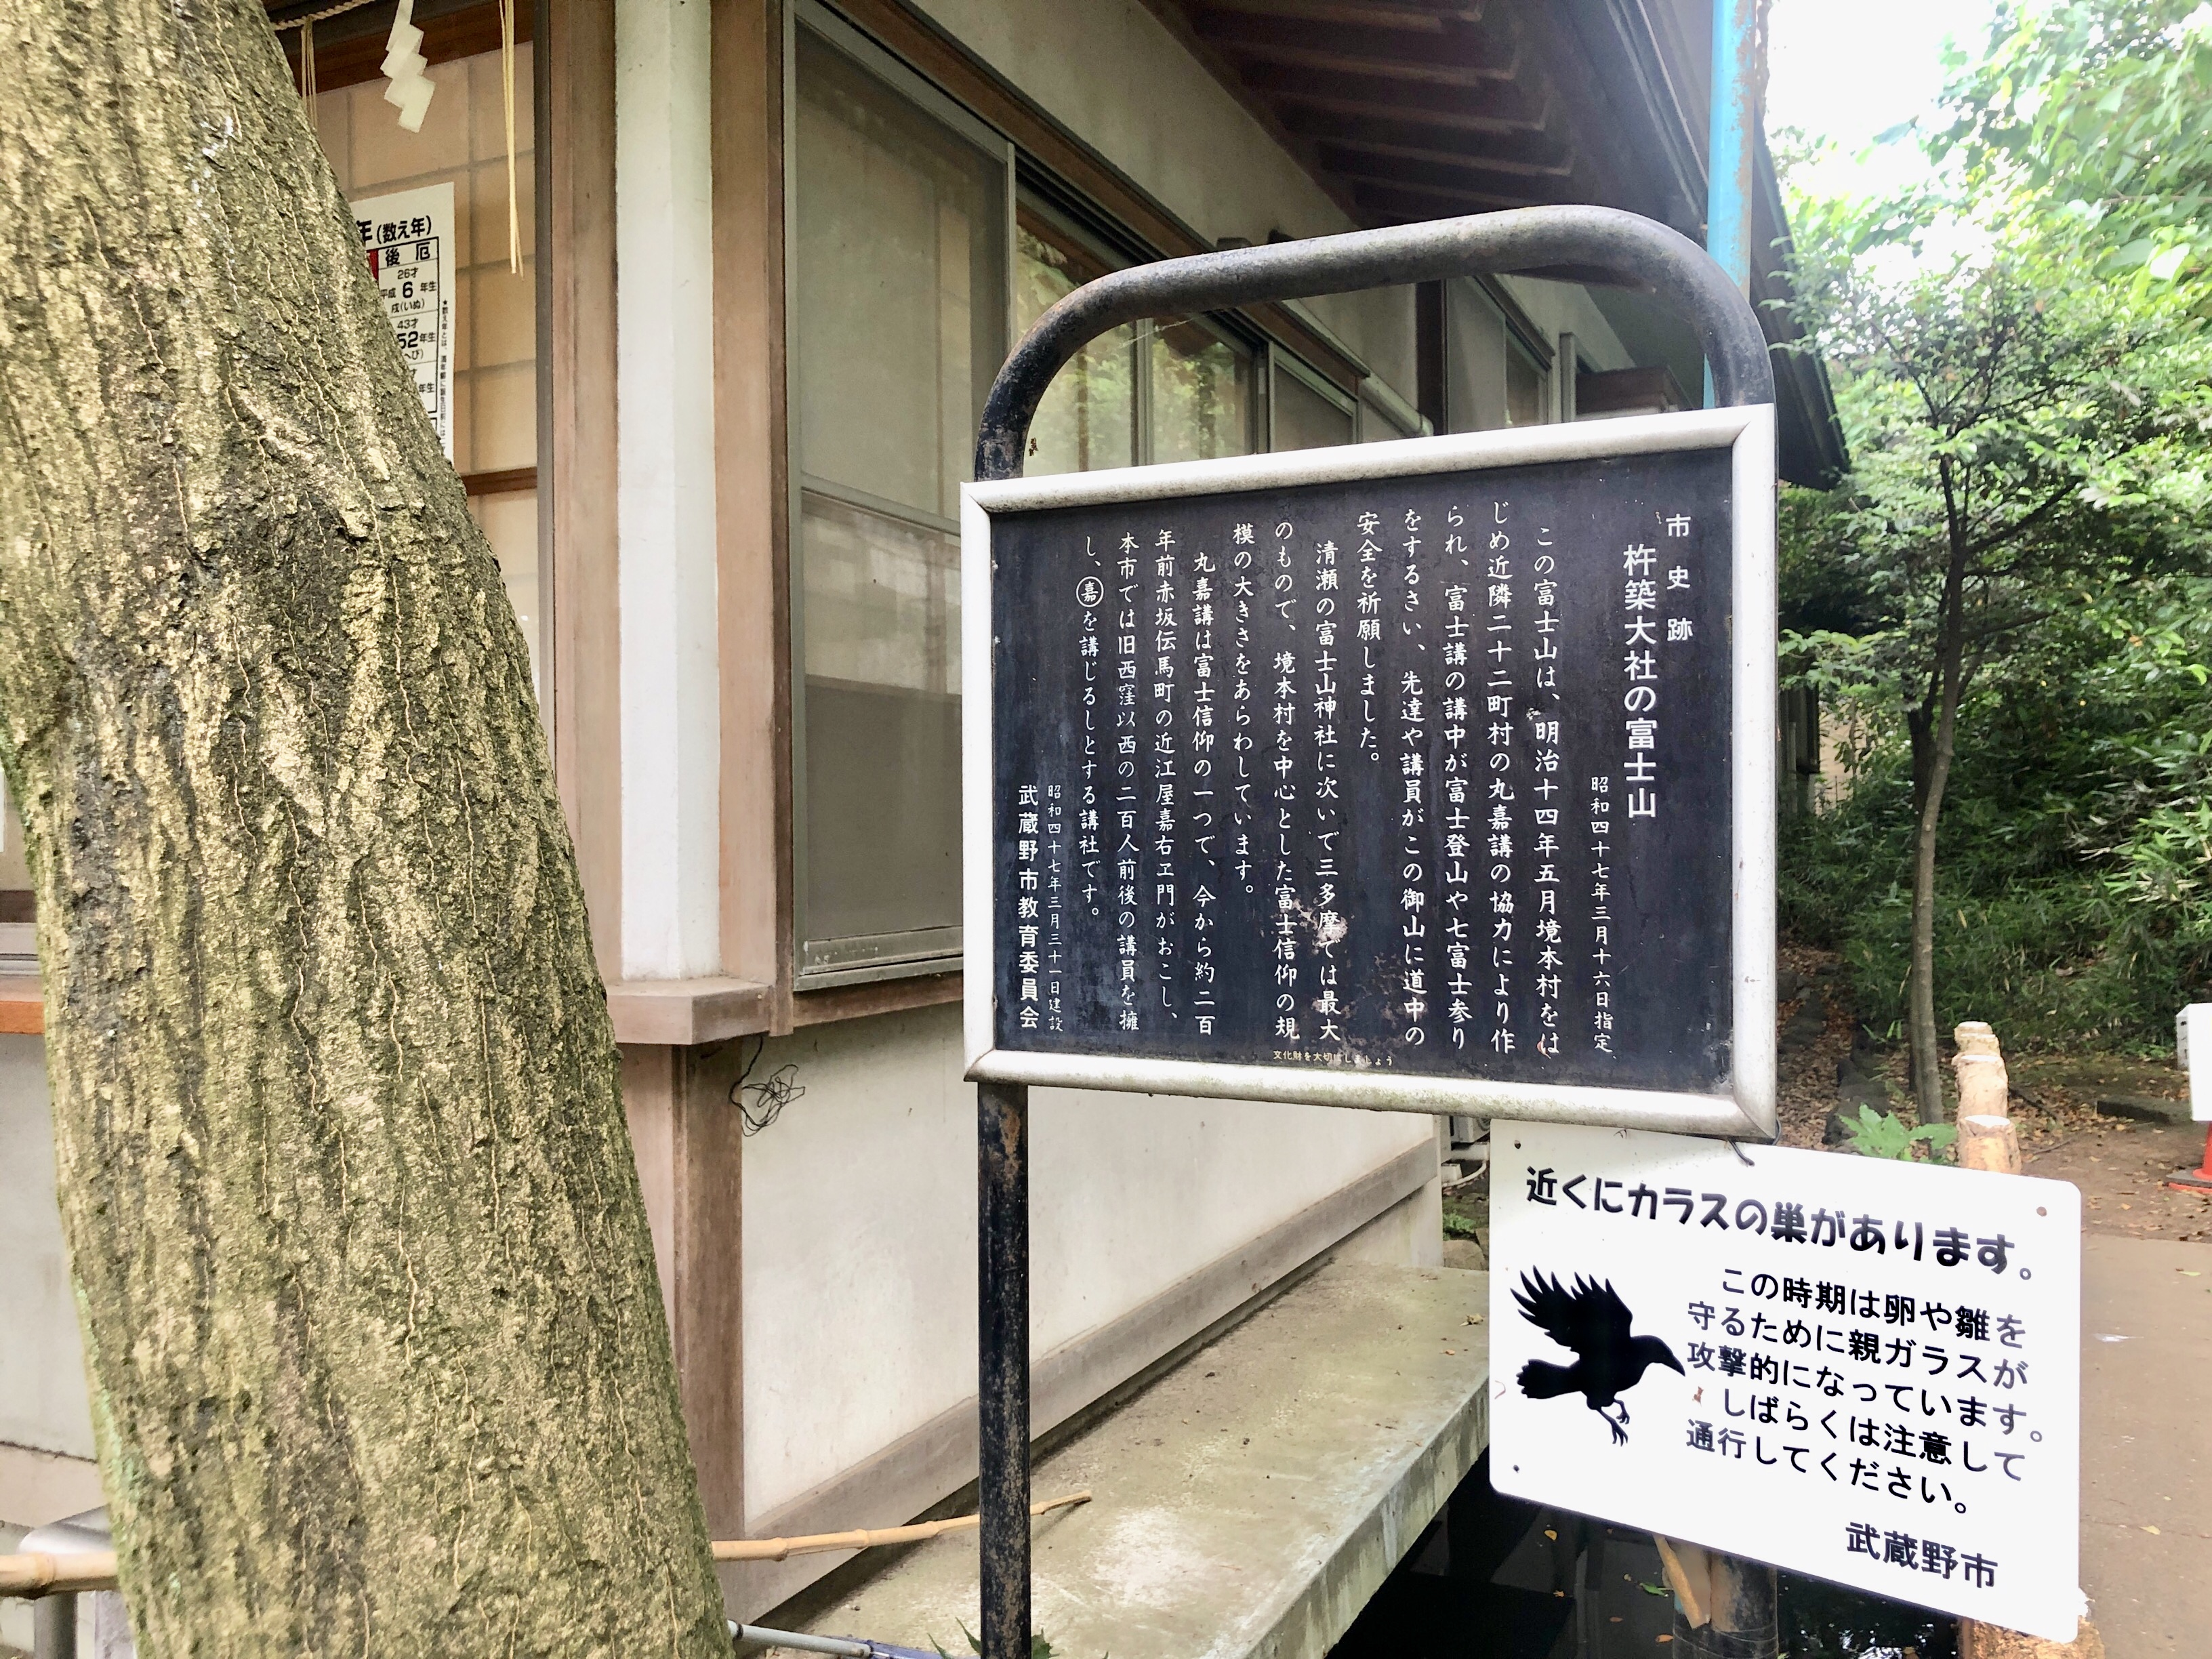 富士塚についての説明が書いてあります。(歴史苦手女子には少々難しい…)